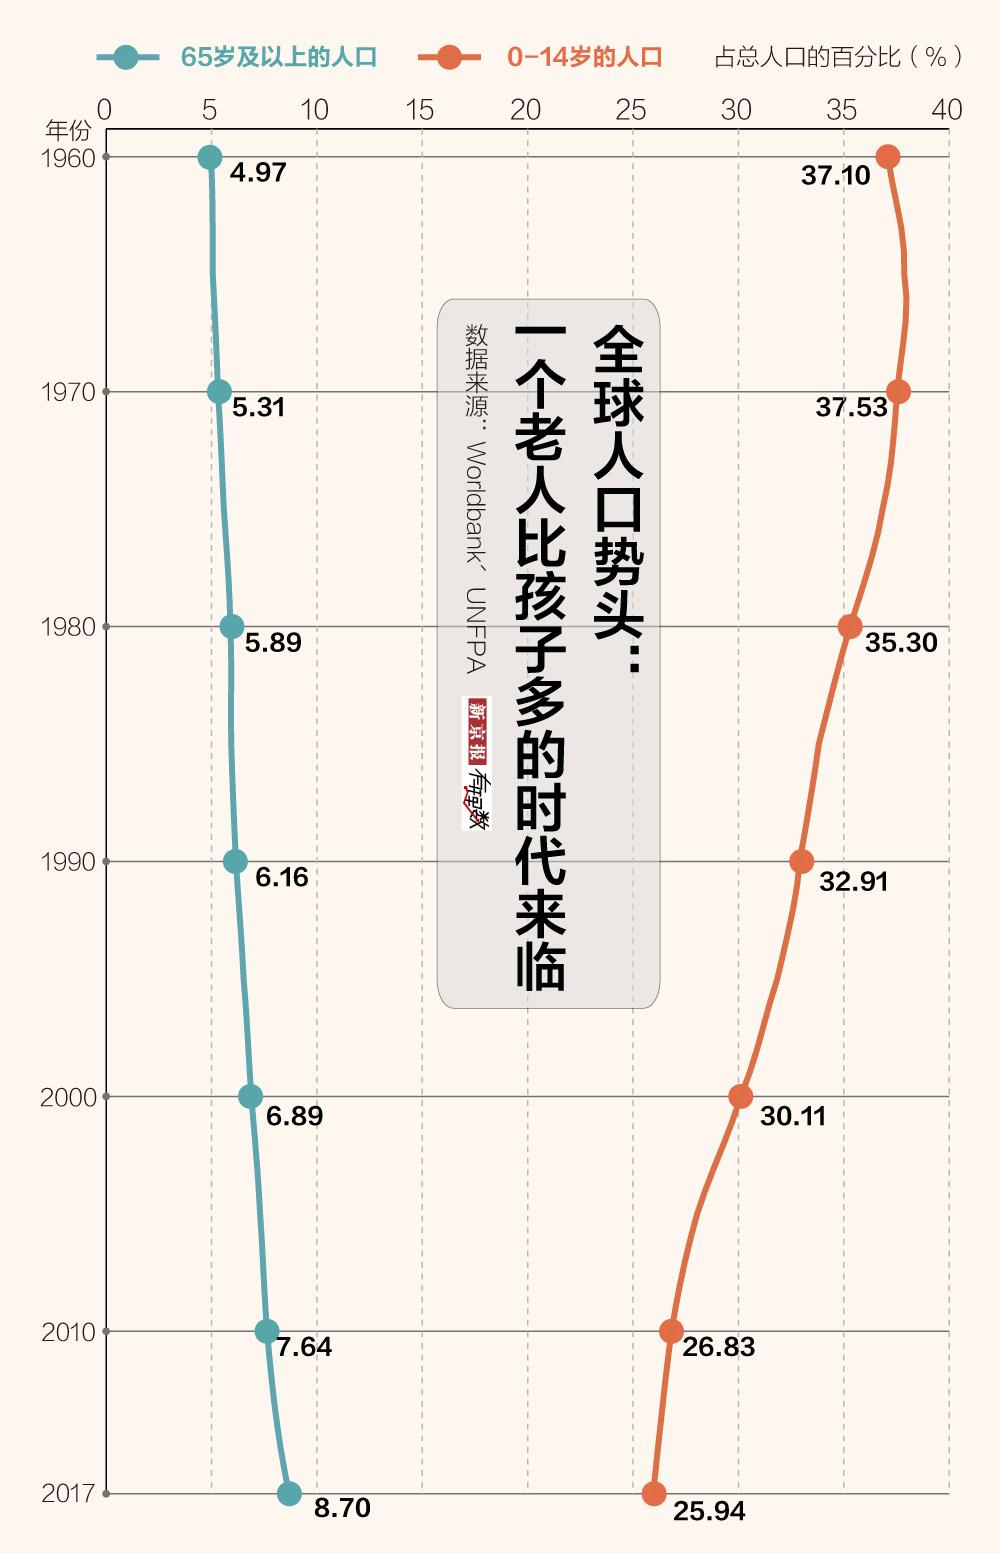 老龄化突出中国2030年养老金或告罄